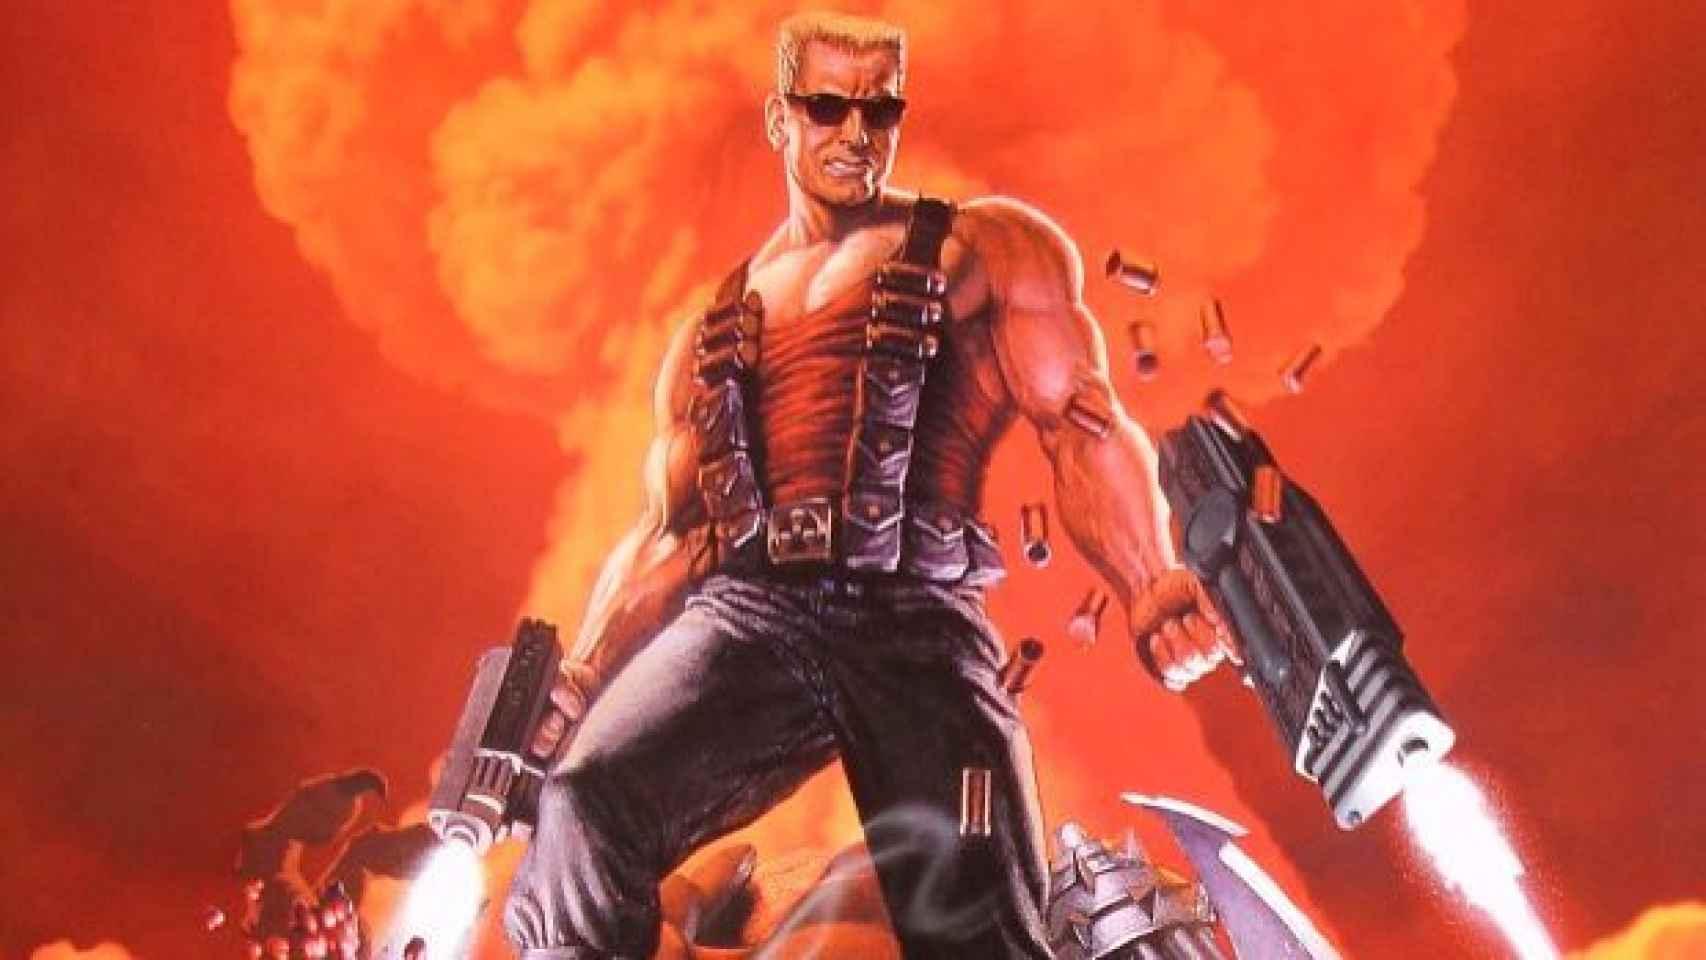 Duke Nukem cumple 20 años con su vuelta a las consolas